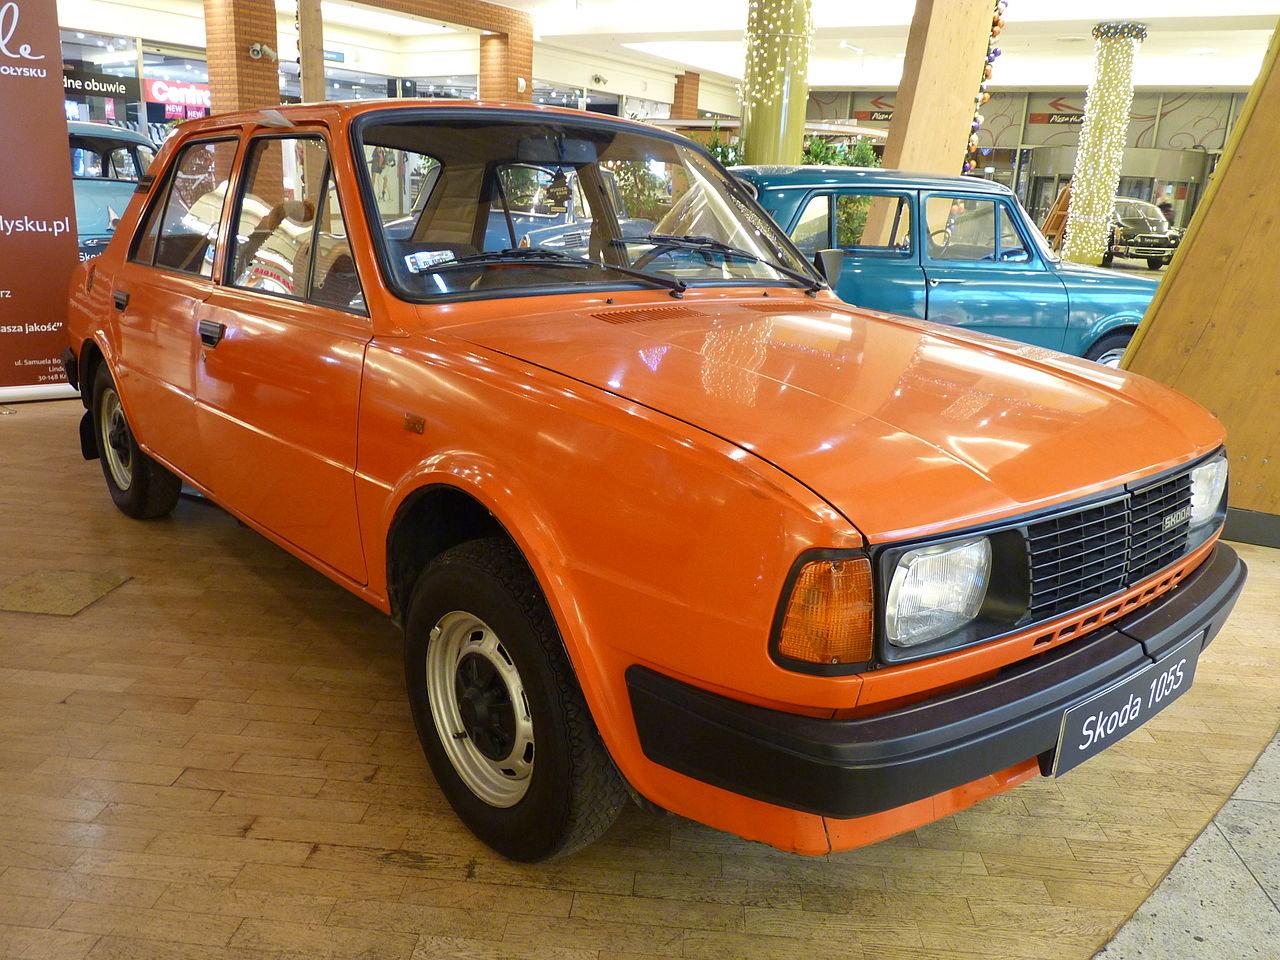 Škoda 105S po modernizaci v roce 1984. Plechové nárazníky nahradil plast (autor: Dawid Skwarczeński)